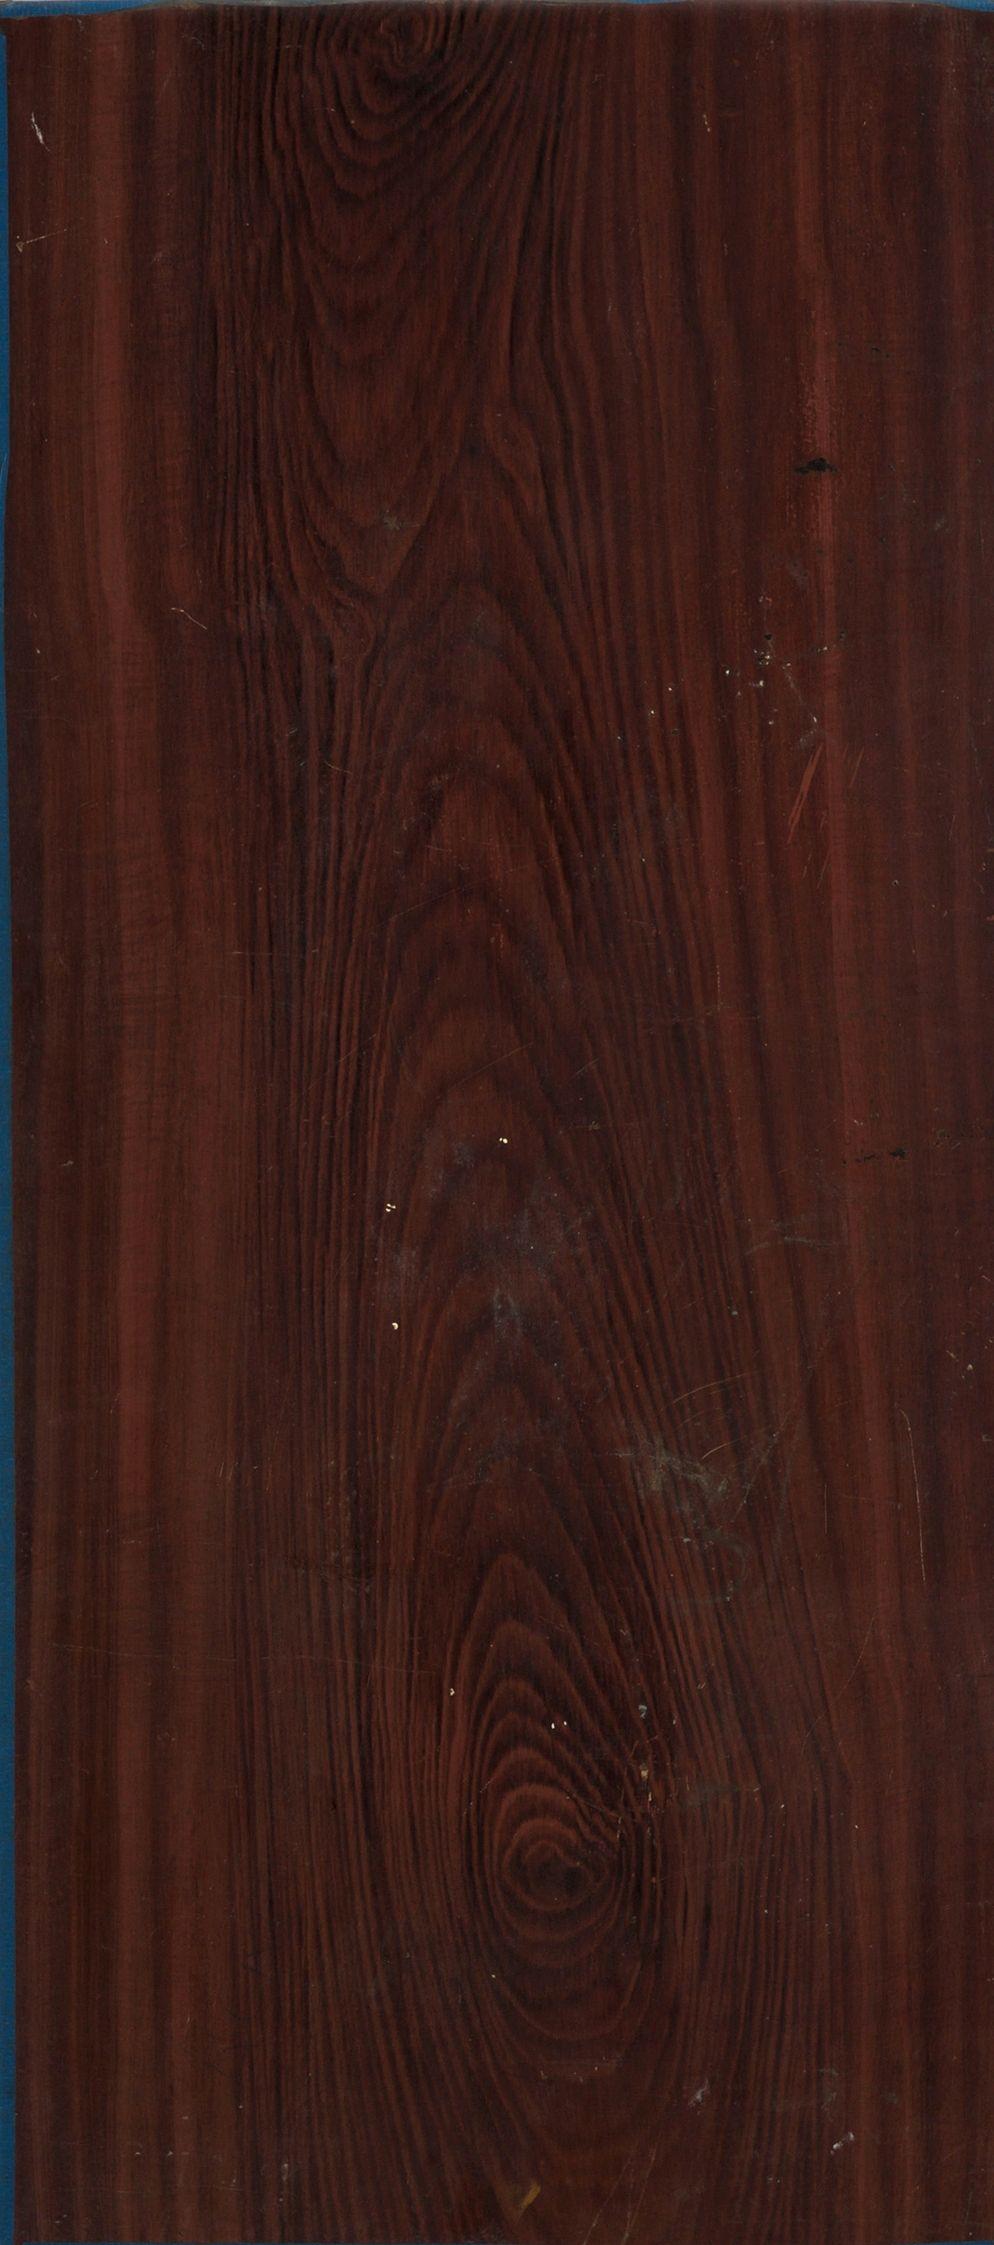 faux bois rené deblaere graining pinterest faux bois and woods